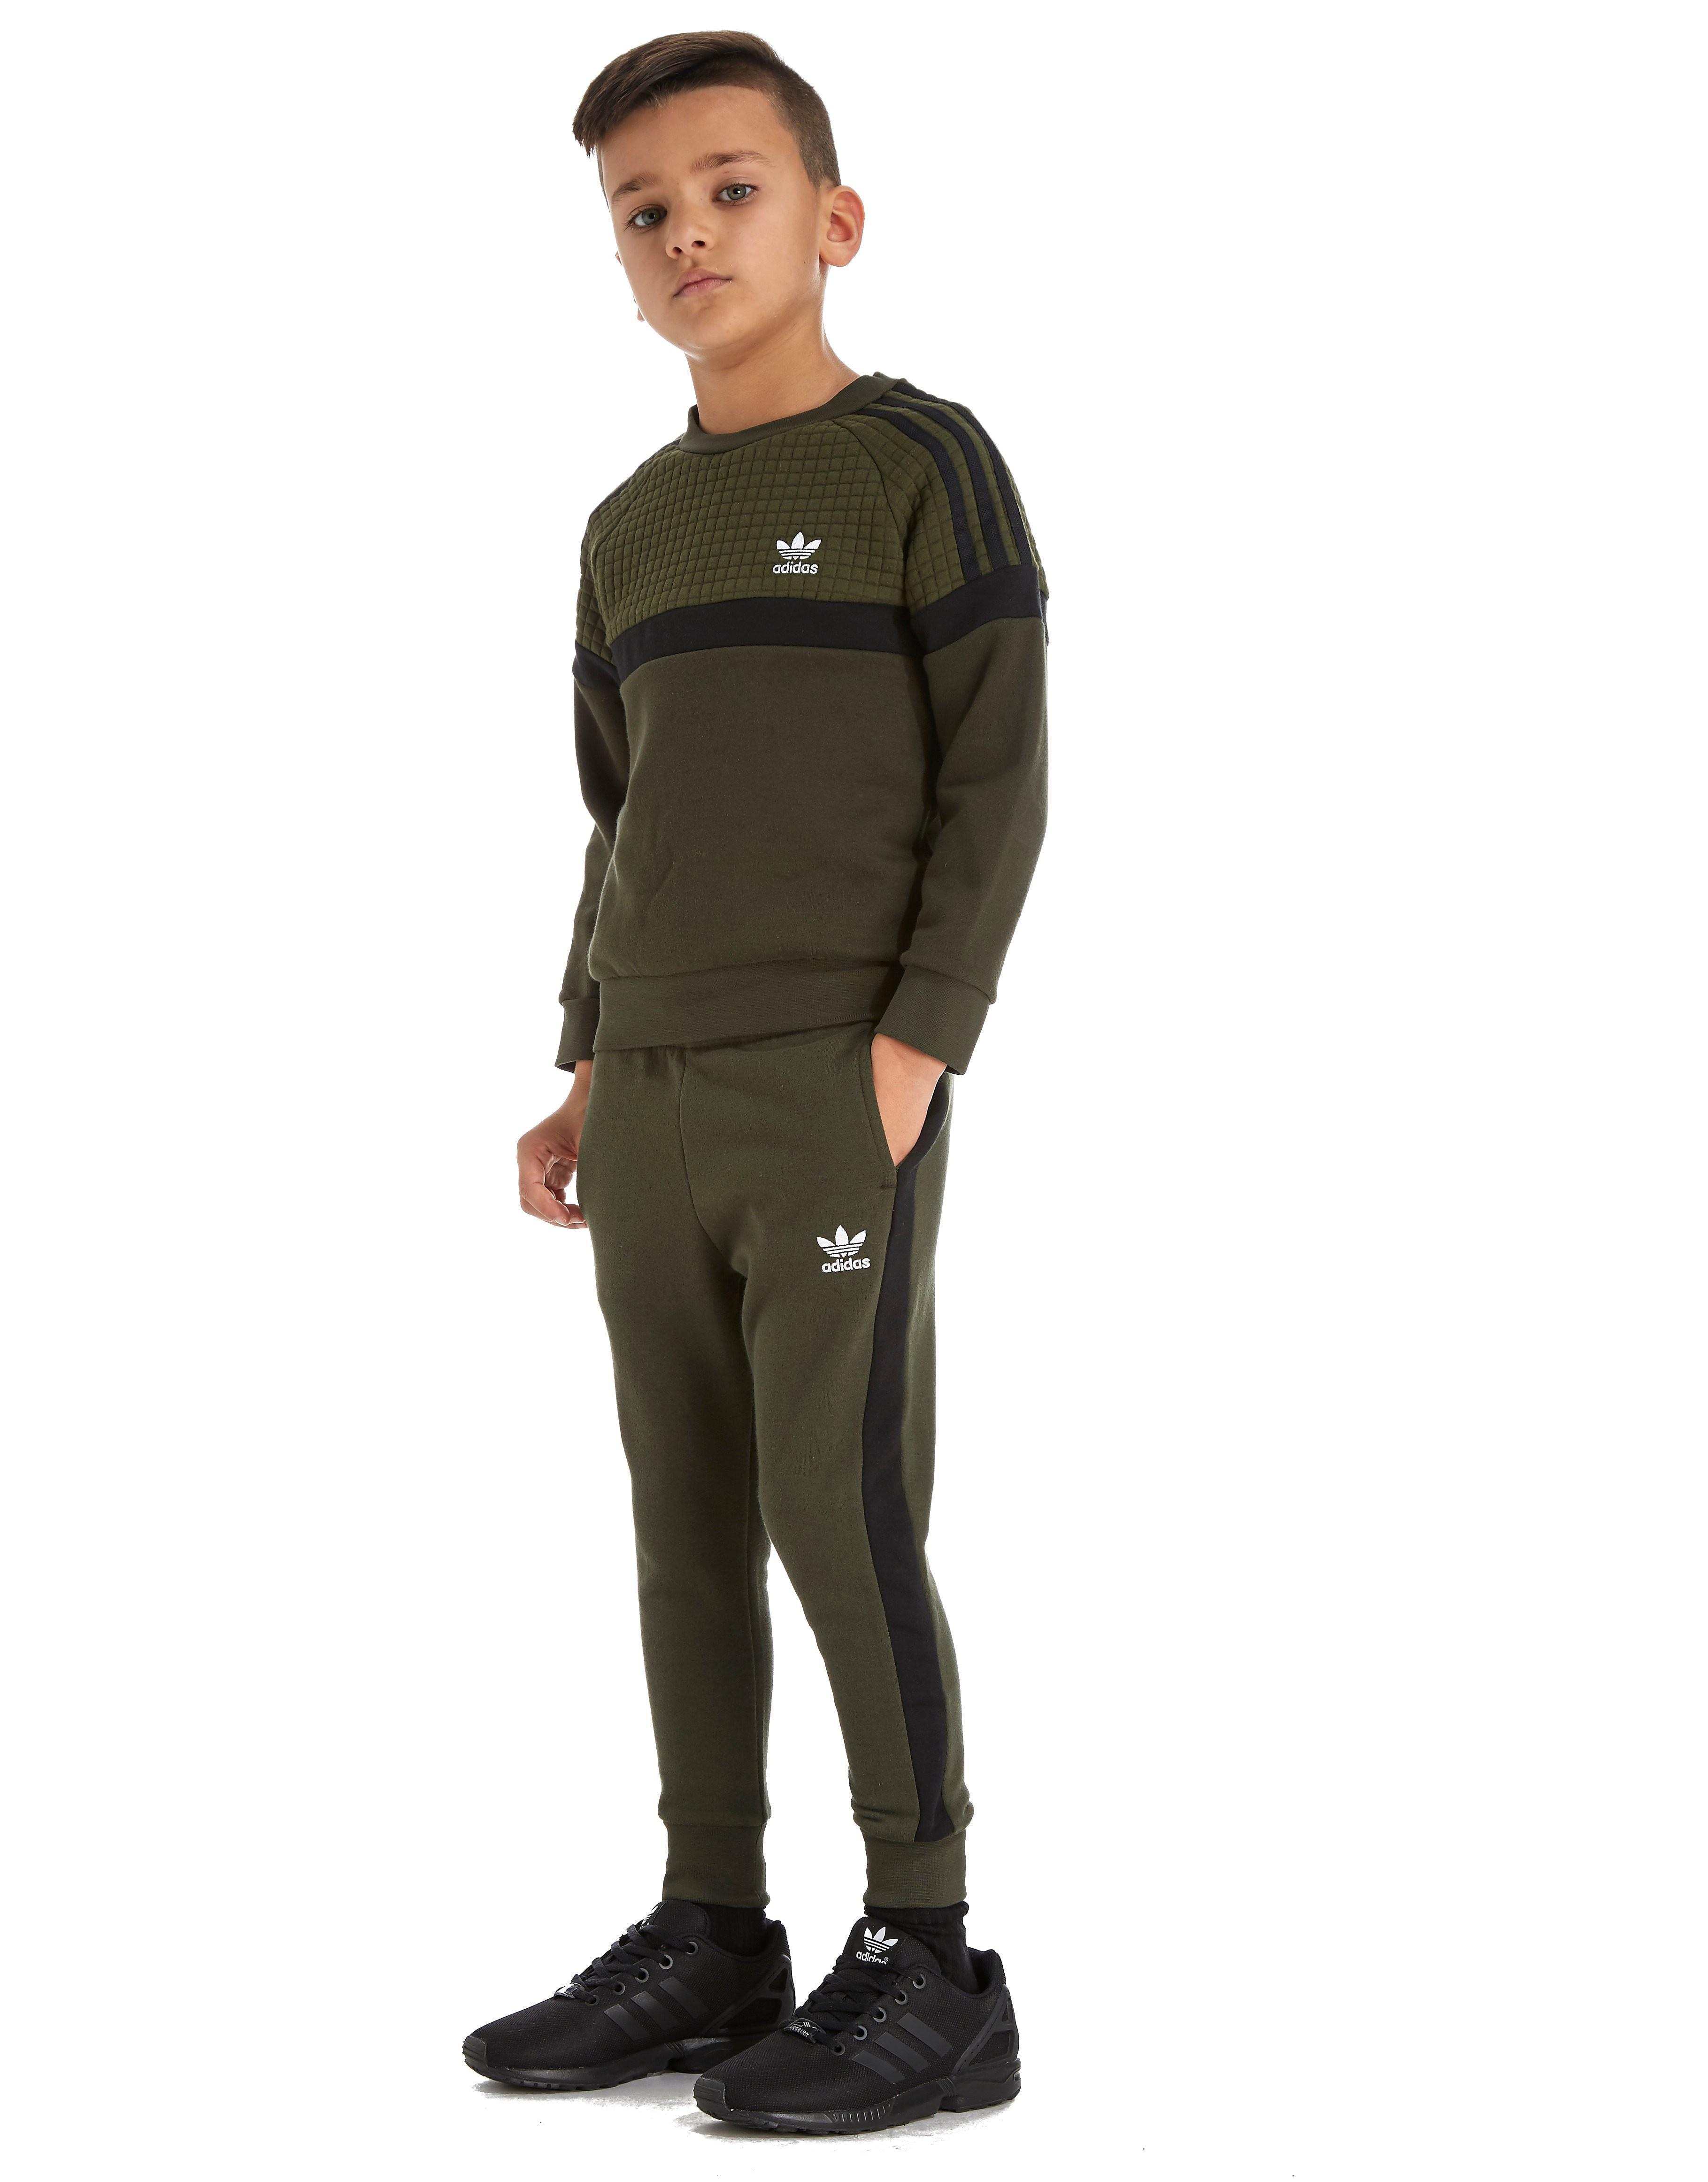 adidas Originals Itasca Crew Tracksuit Children